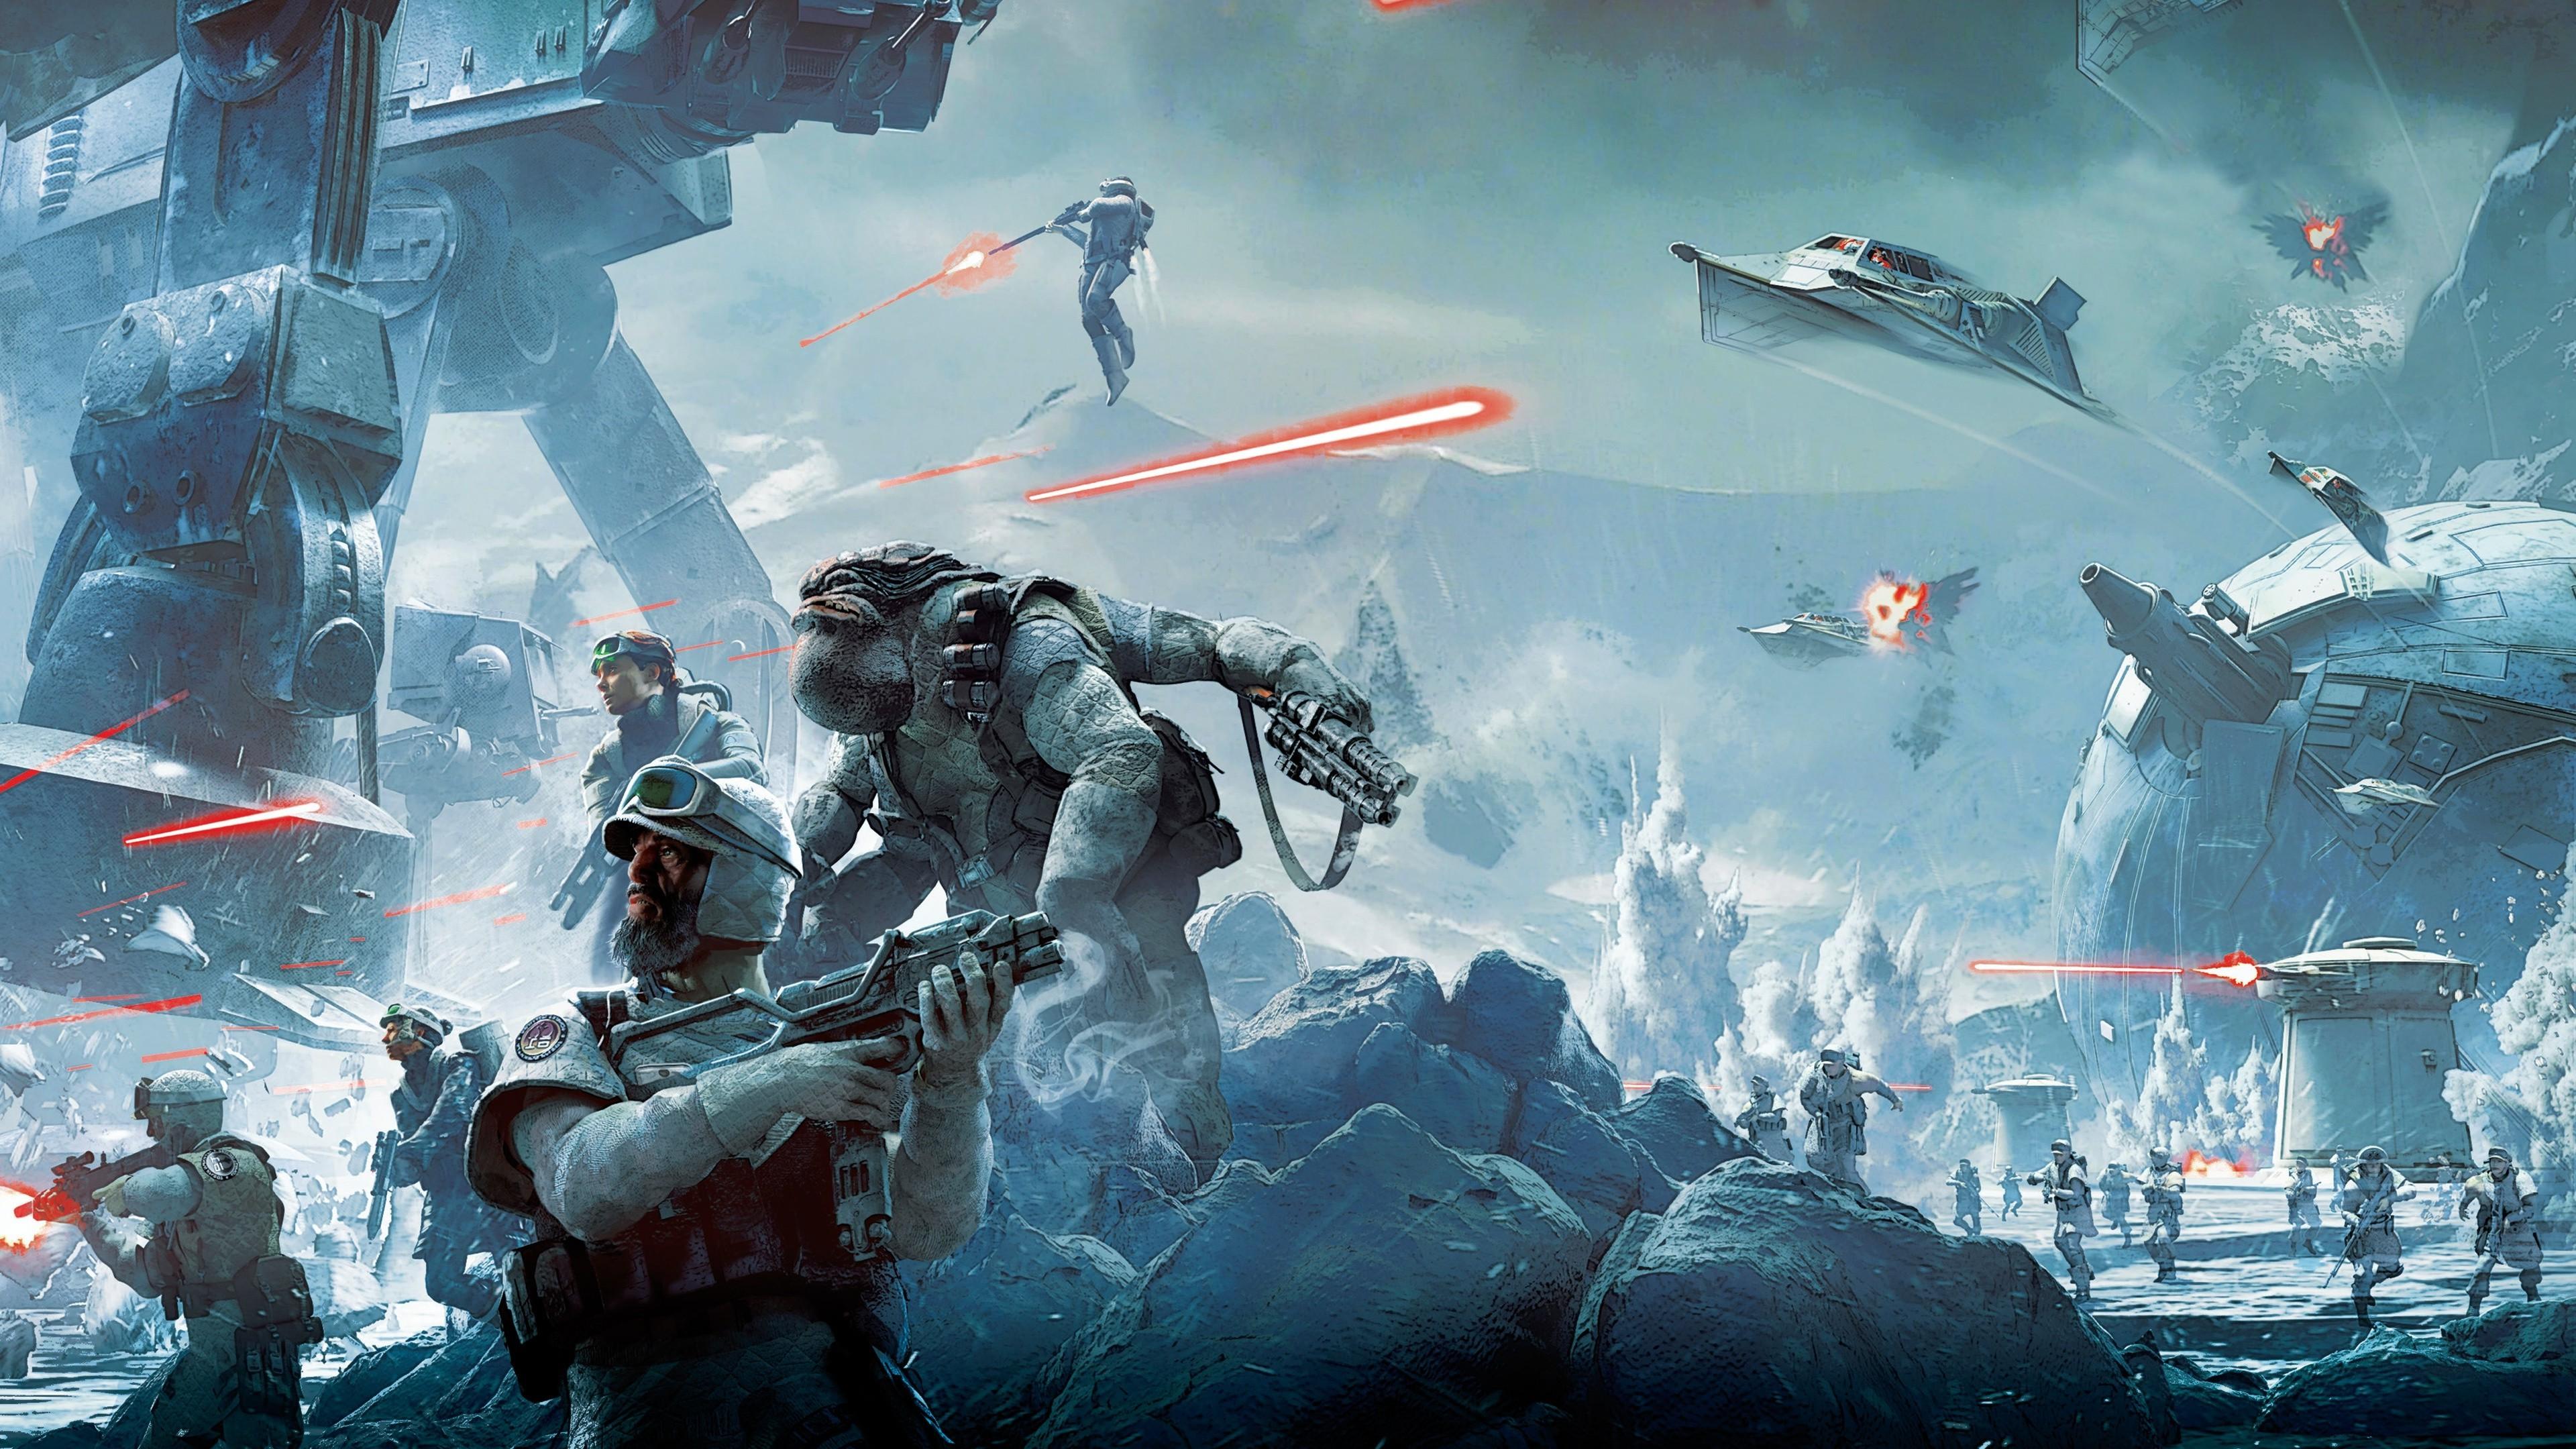 Wallpaper 3840x2160 Px Battle Hoth Soldier Star Wars